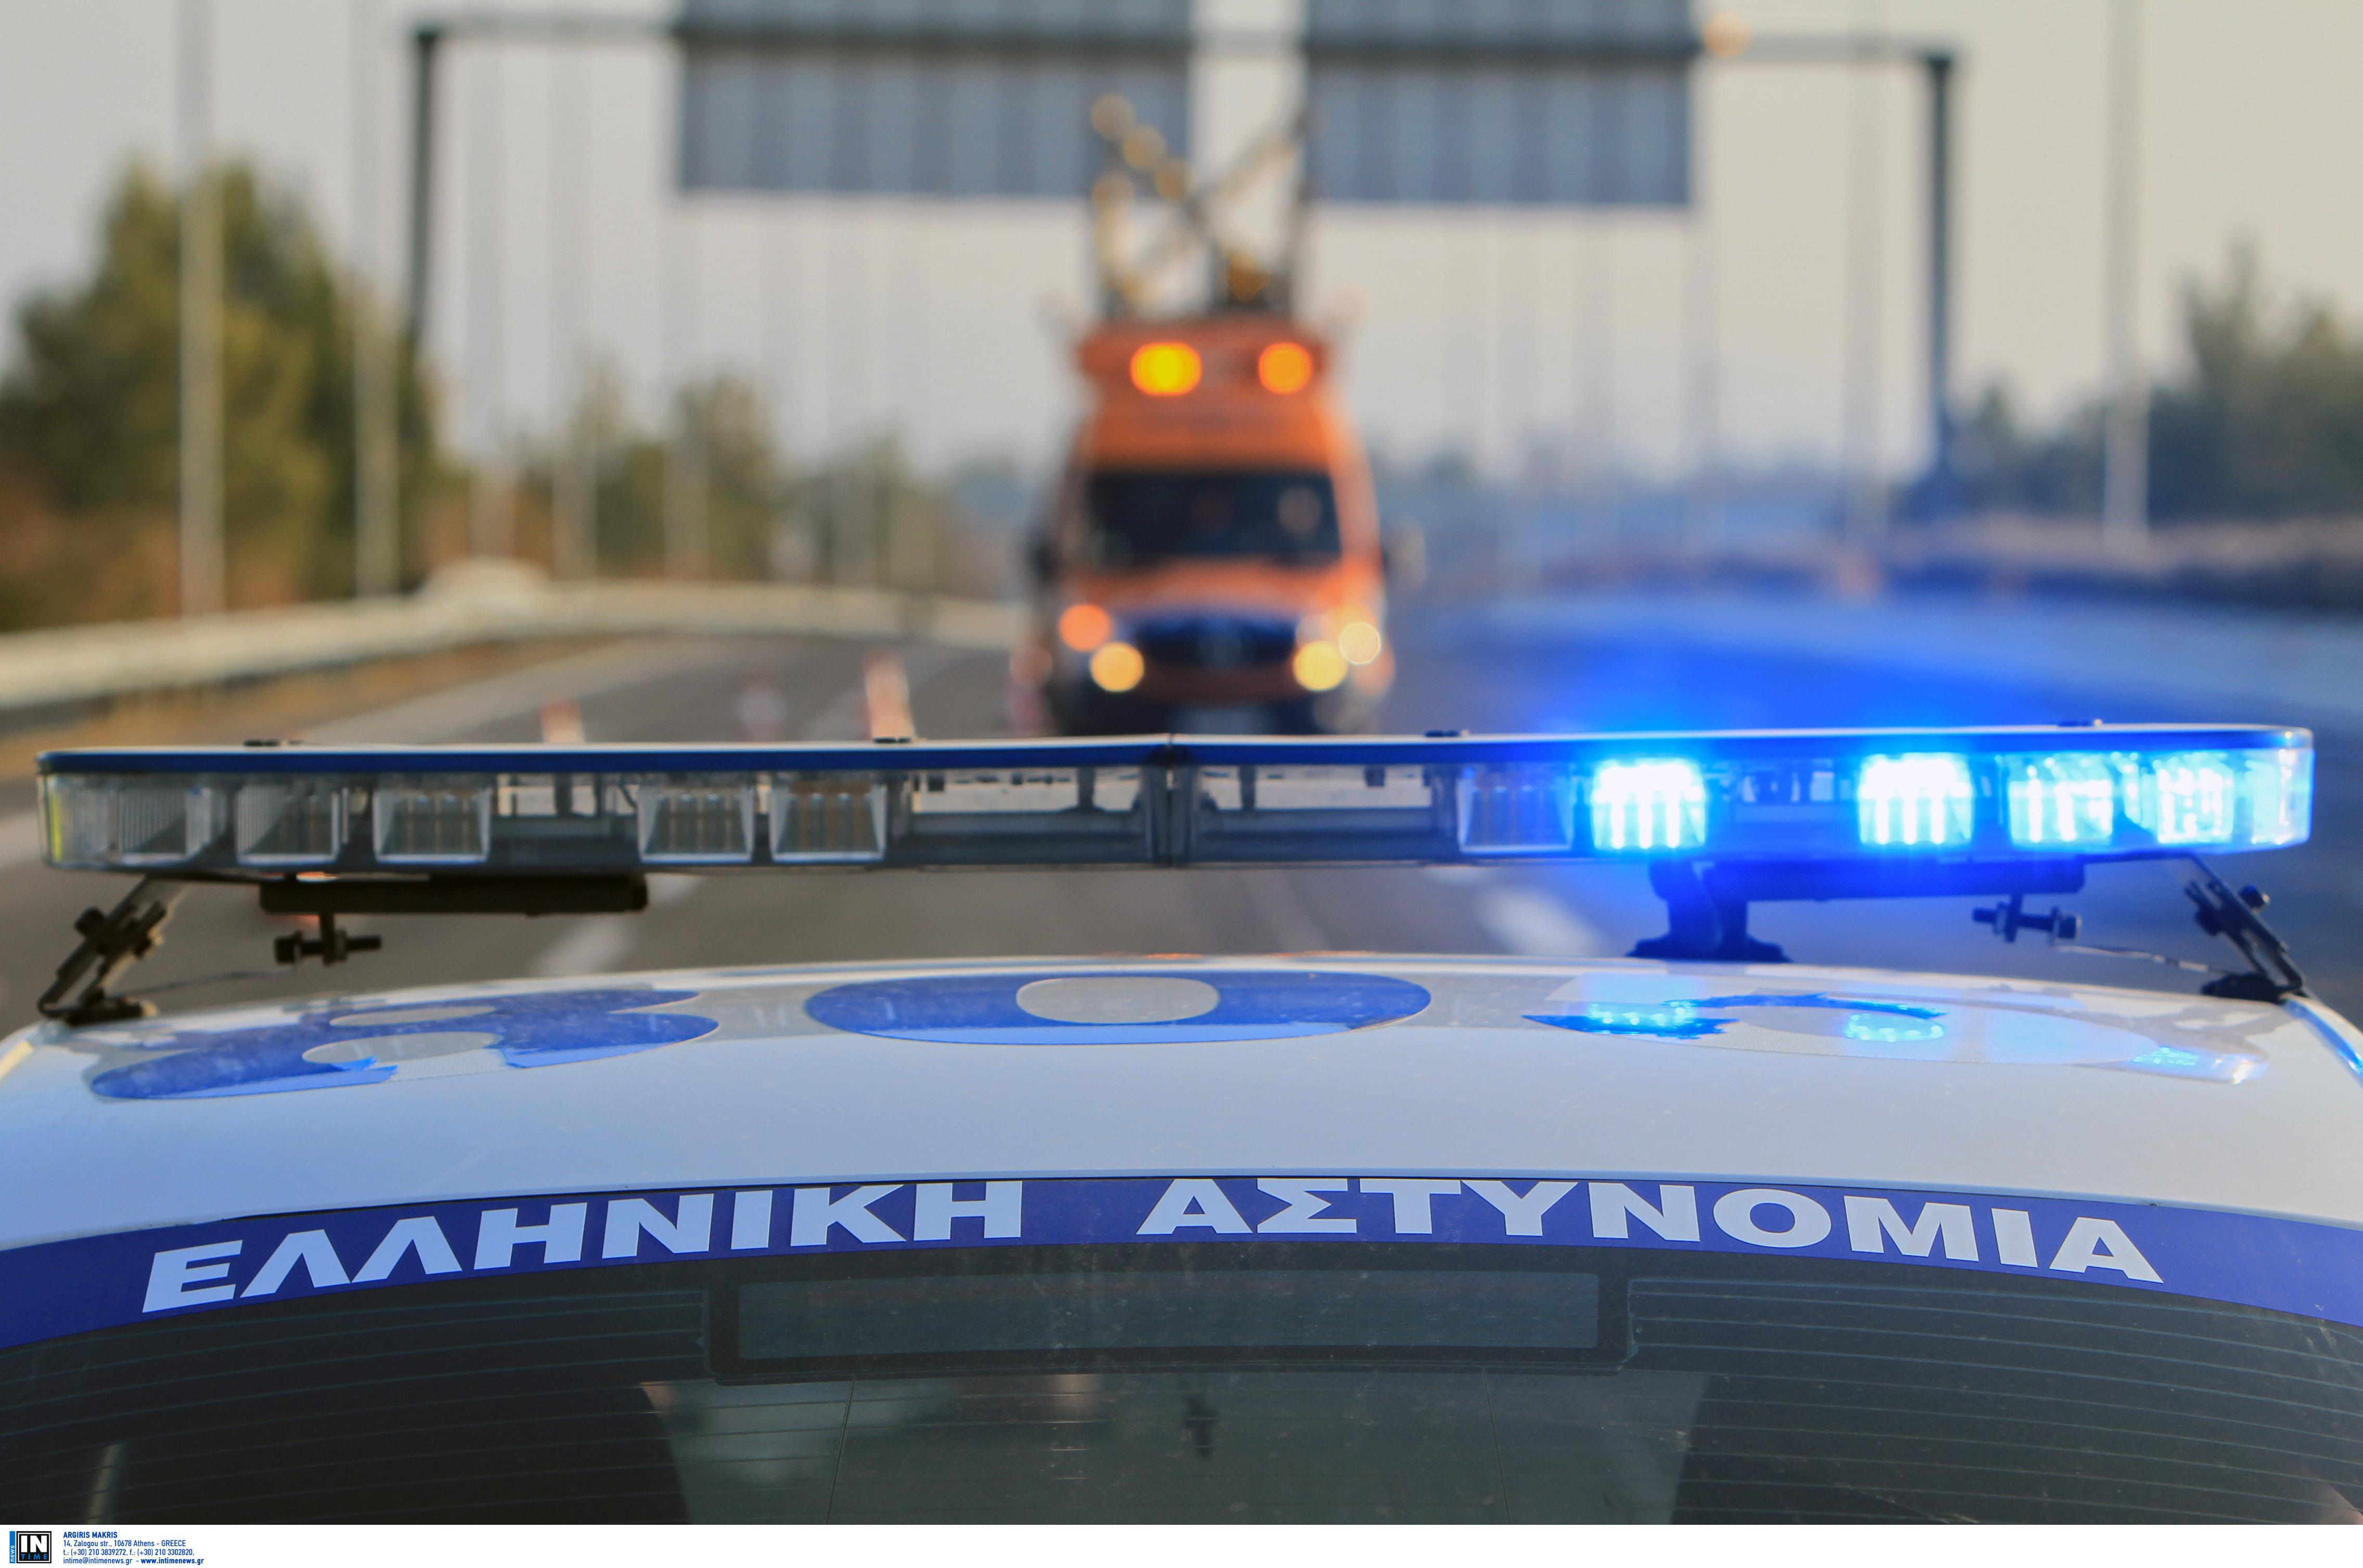 Κινηματογραφική καταδίωξη στη Θεσσαλονίκη – Eπιχείρησαν να αρπάξουν 113.777 ευρώ (pic)